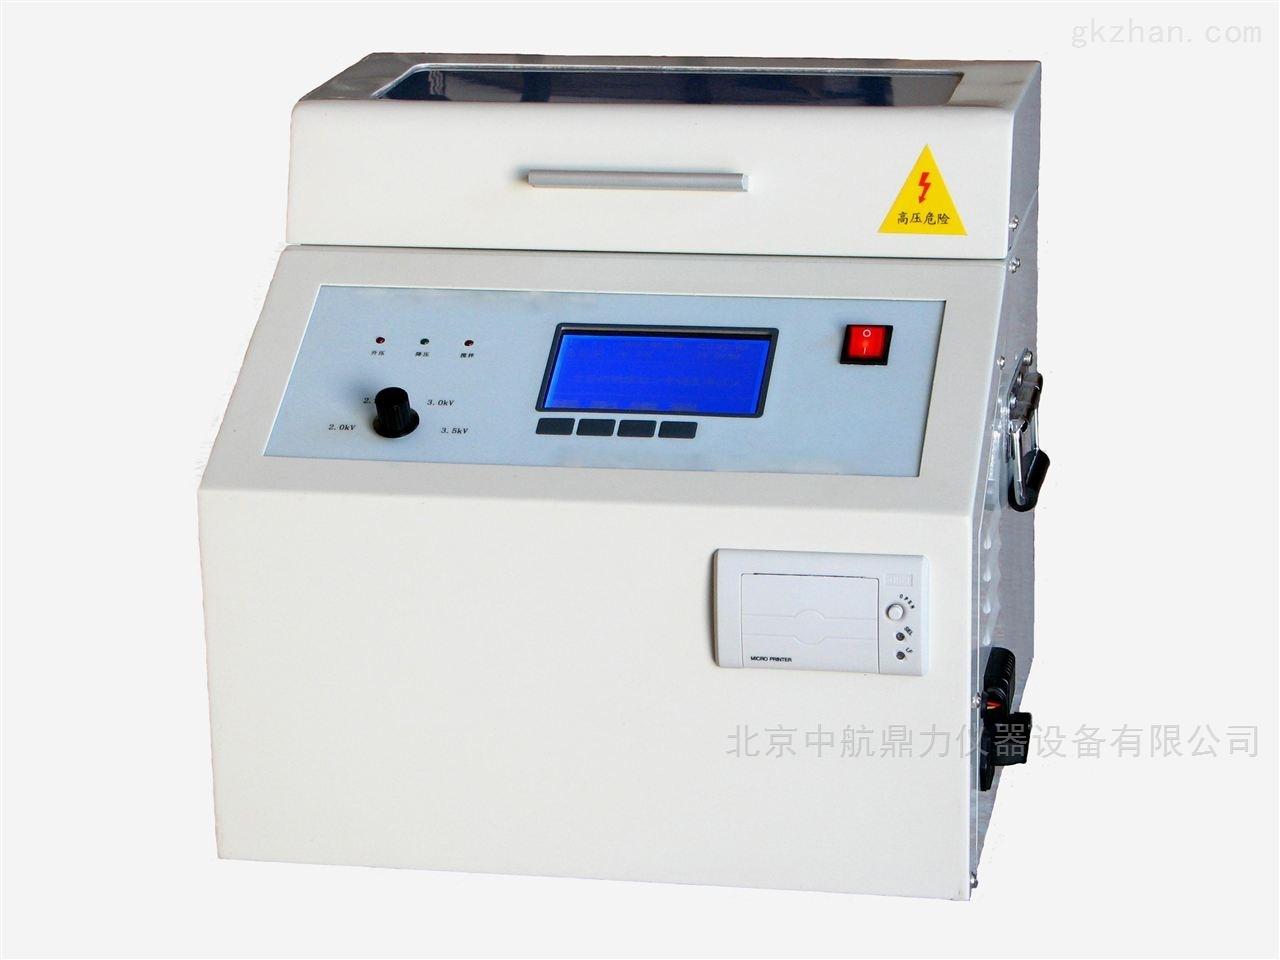 绝缘油介电强度测试仪产品介绍